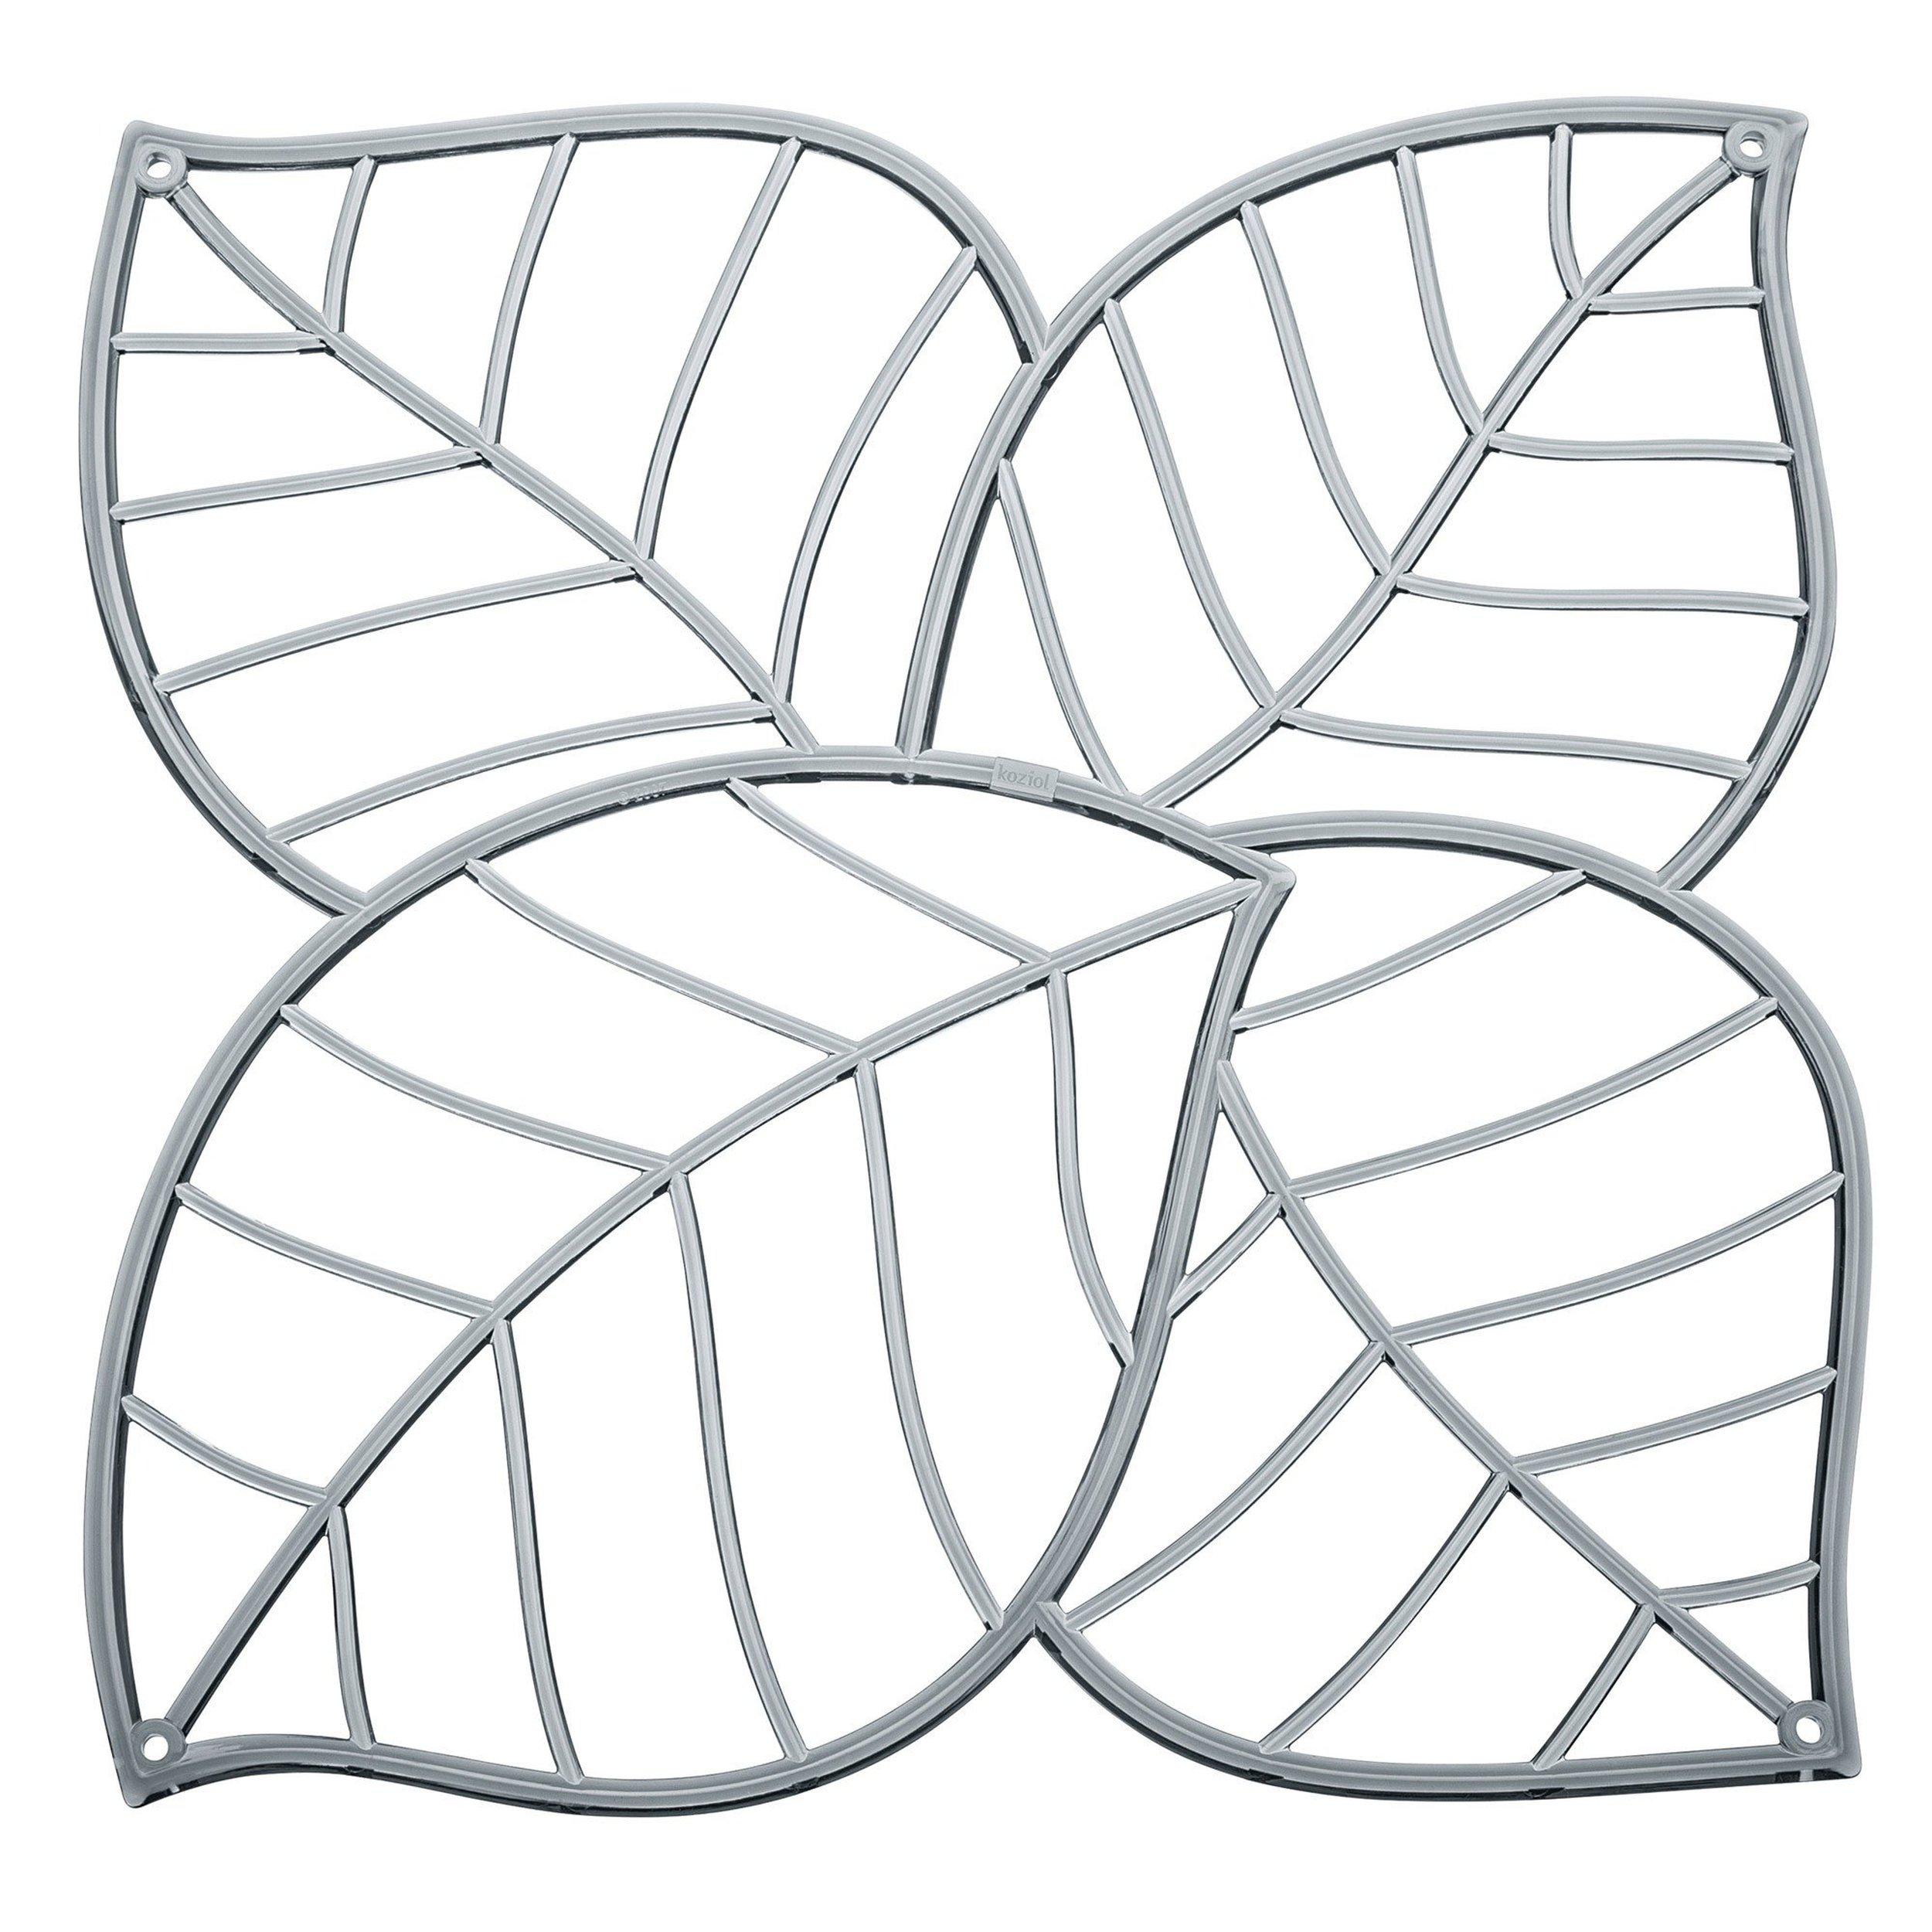 Panel dekoracyjny Leaf 4 szt. anytracytowy transparentny